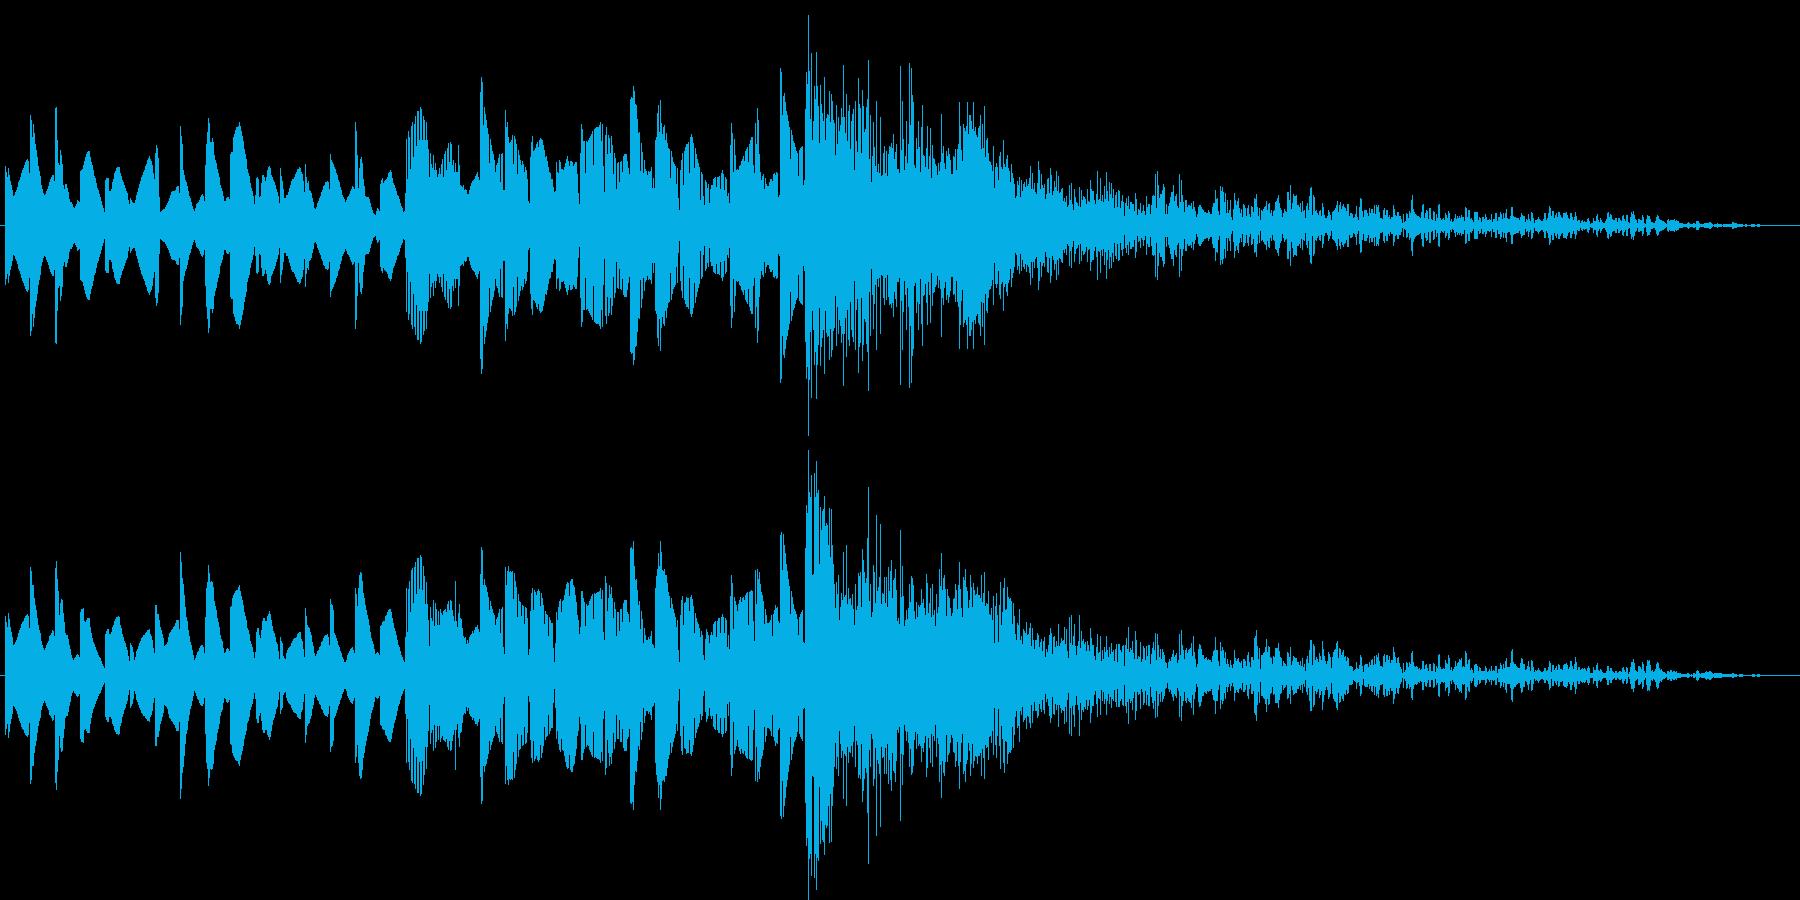 追いつめられ最後に撃墜されたメロと爆発音の再生済みの波形